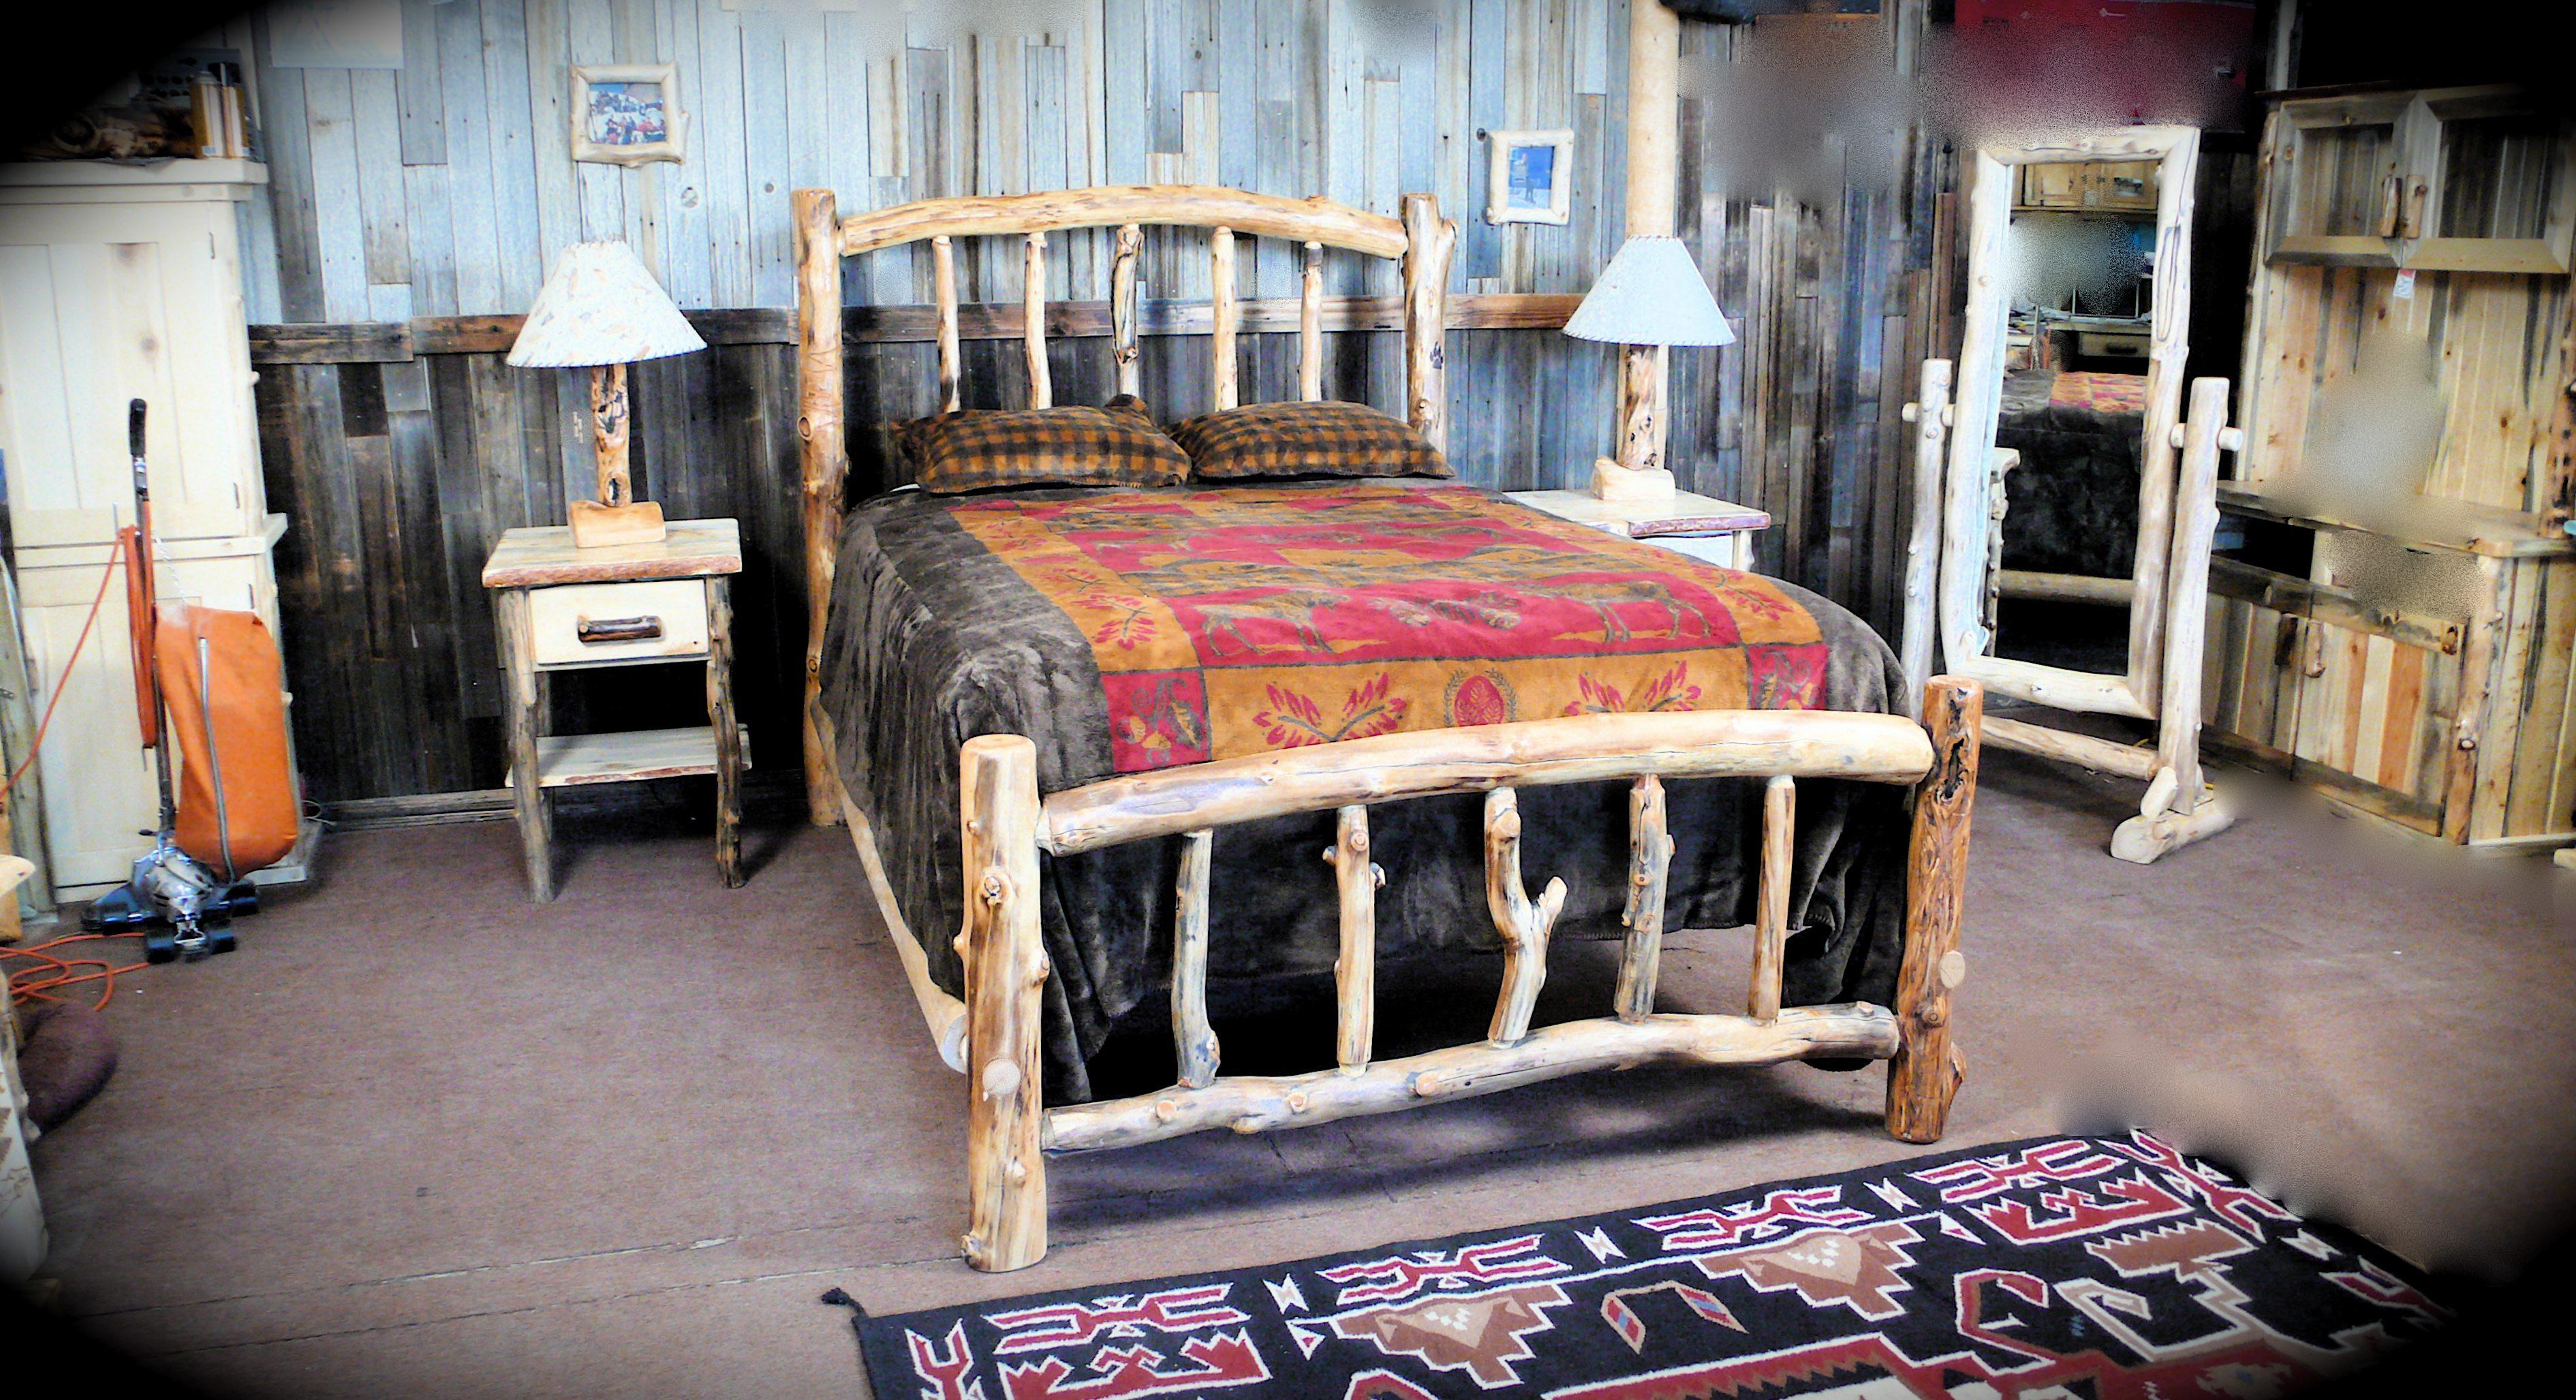 Ikea Bedroom Sets Malaysia Best Rated Serta Mattress  : classic Queen from www.theridgewayinn.com size 3781 x 2055 jpeg 1238kB